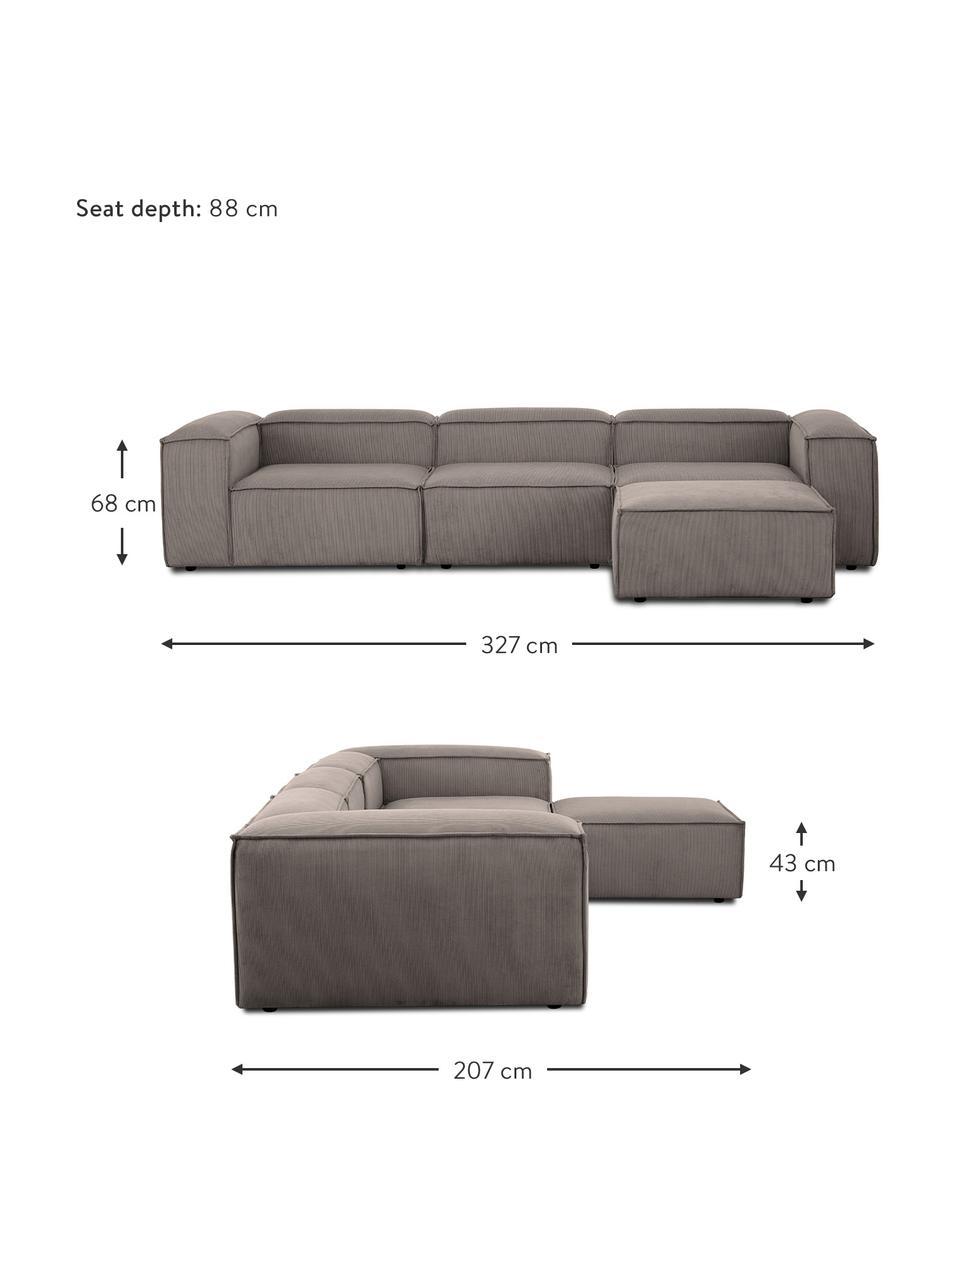 Modulares Sofa Lennon (4-Sitzer) mit Hocker in Braun aus Cord, Bezug: Cord (92% Polyester, 8% P, Gestell: Massives Kiefernholz, Spe, Füße: Kunststoff Die Füße befin, Cord Braun, B 327 x T 207 cm